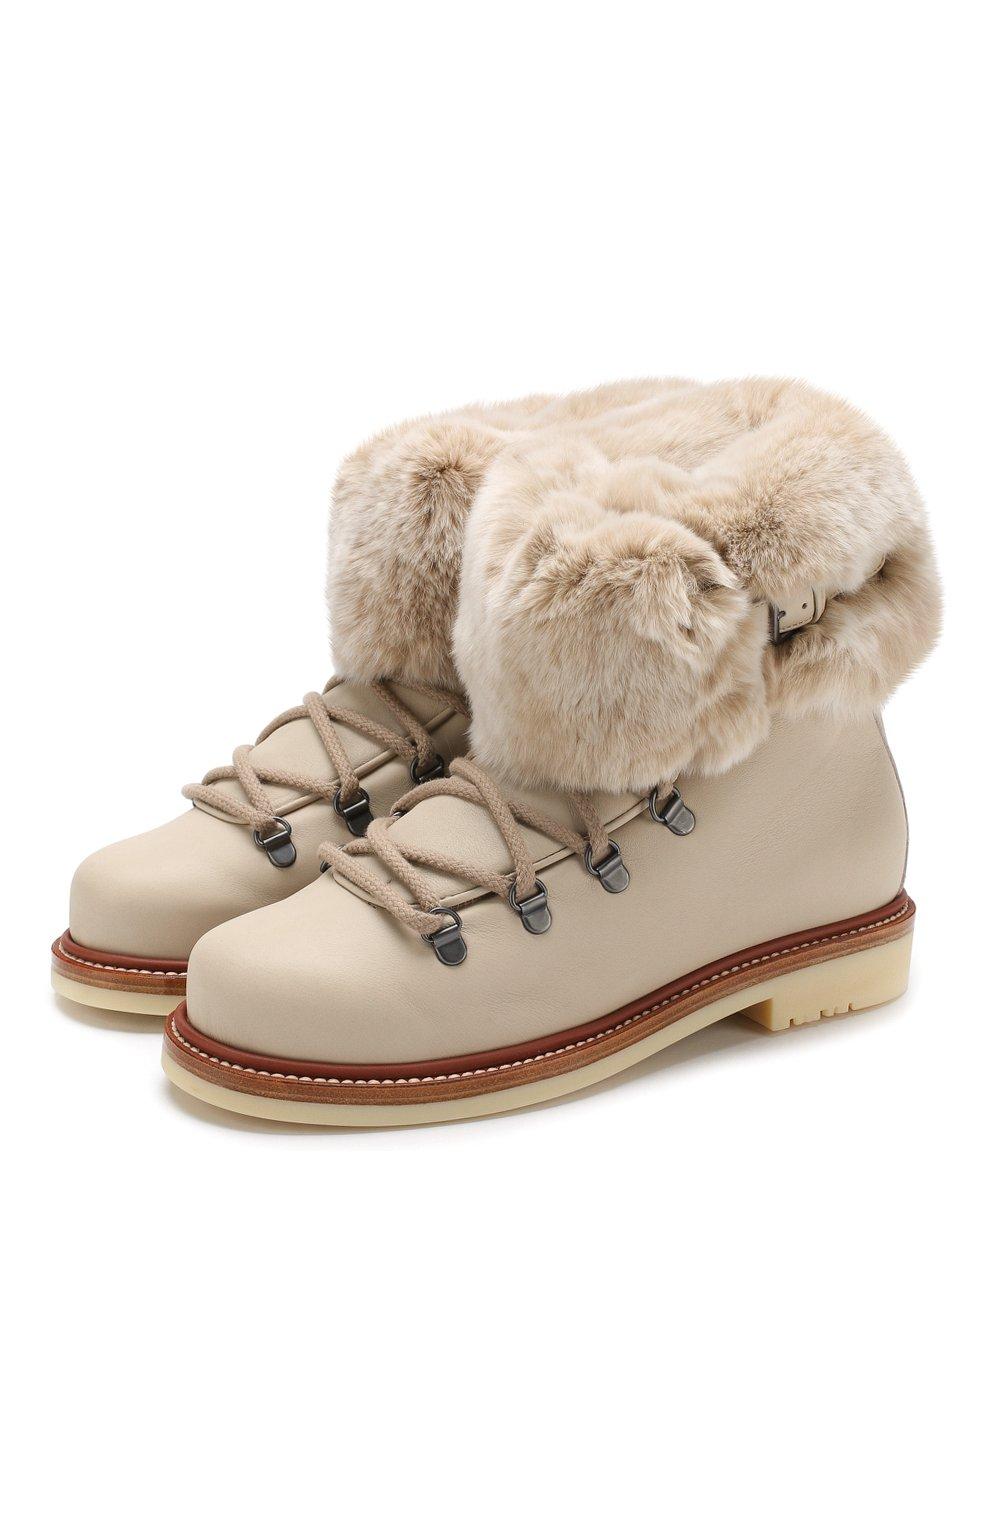 2b63d6e74 Кожаные ботинки Perm Walk с внутренней меховой отделкой Loro Piana  светло-бежевые | Фото №